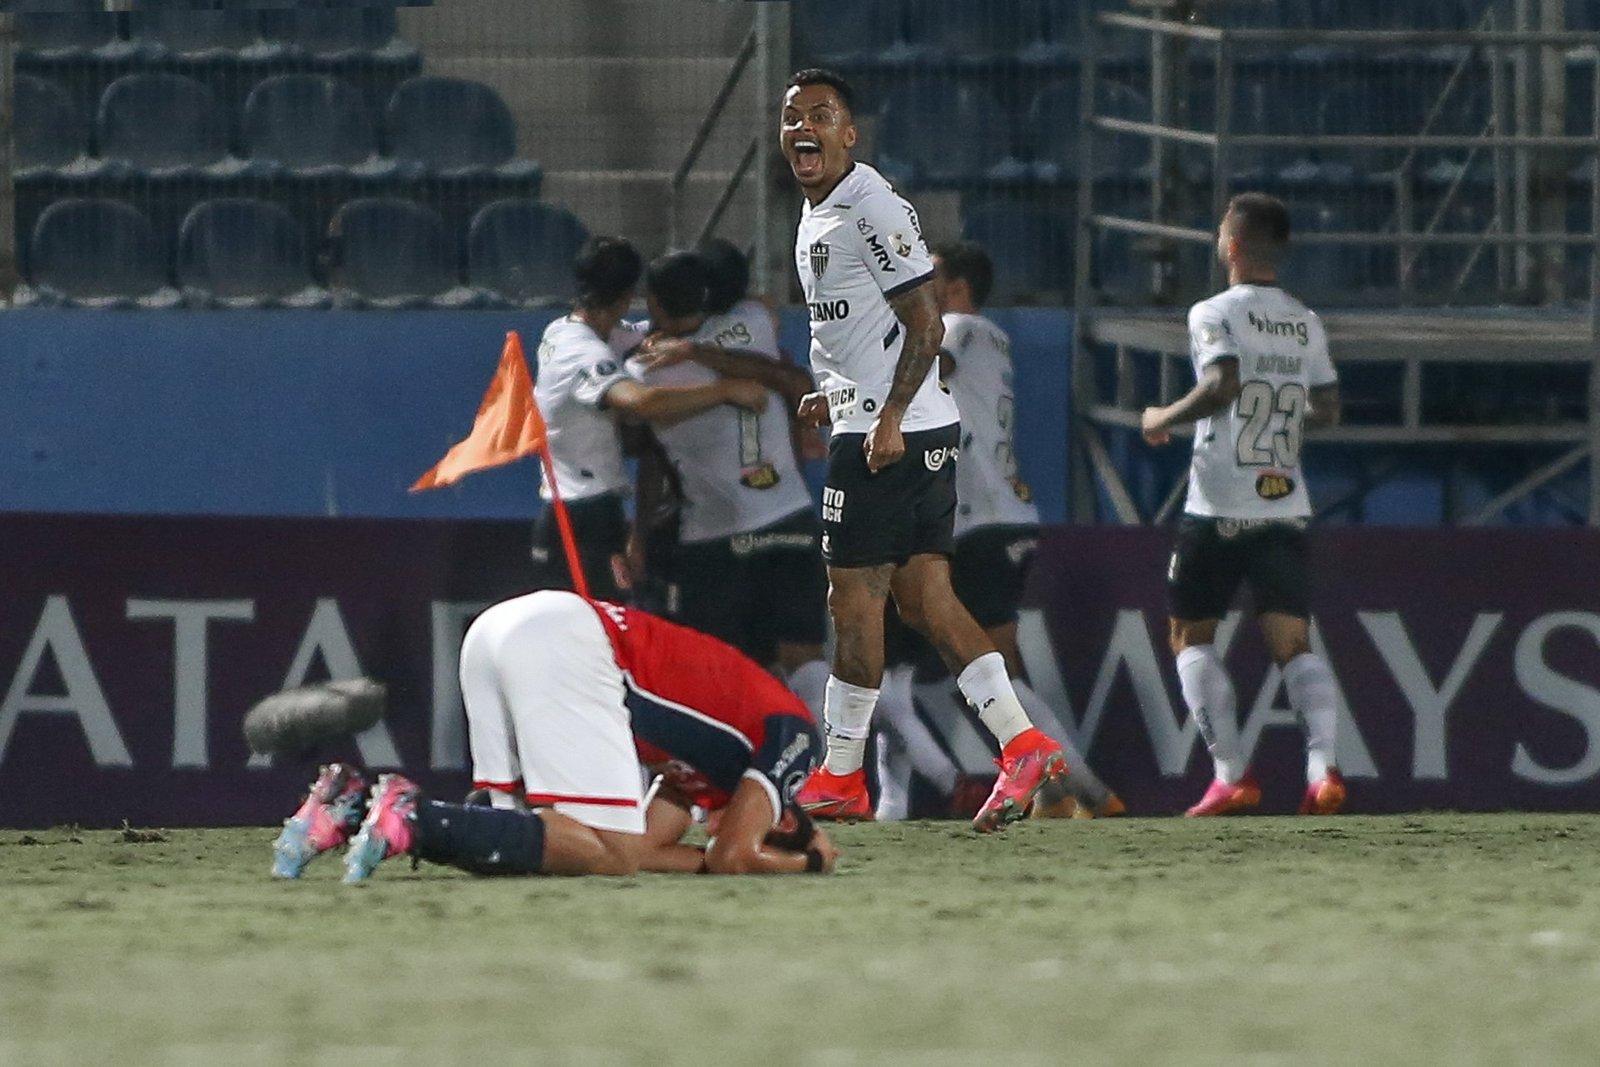 Espora 13 - Atlético - Galo - Atlético-MG - Na Raça e no Amor! Time misto do Galo derrota Cerro Porteño e assume 1º lugar geral da Libertadores